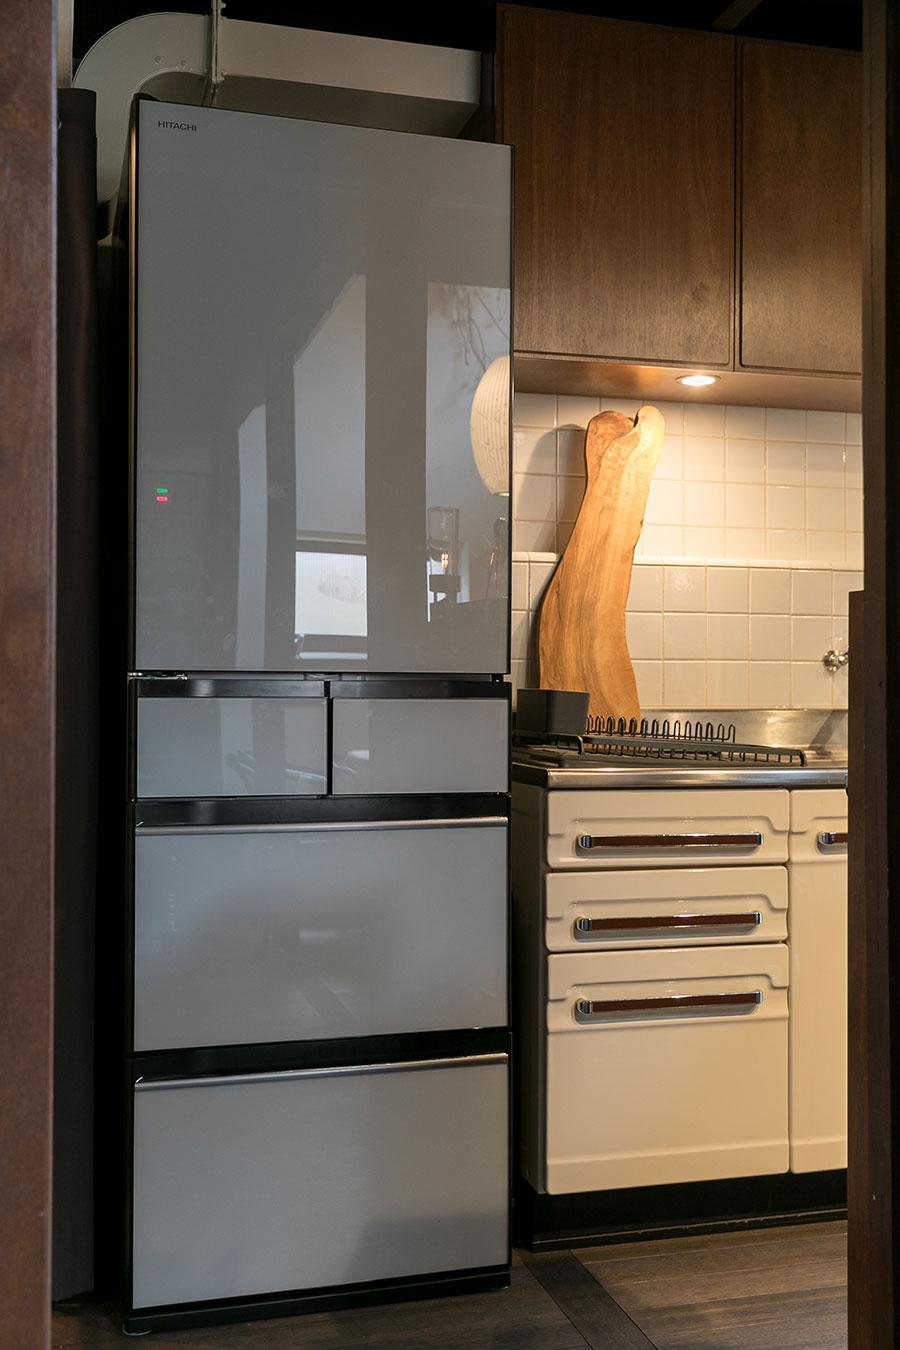 冷蔵庫はグレーのボディの『HITACHI』をセレクト。「ピュアホワイトは目出ちすぎる、黒は重すぎると感じたので、グレーを選択しました」